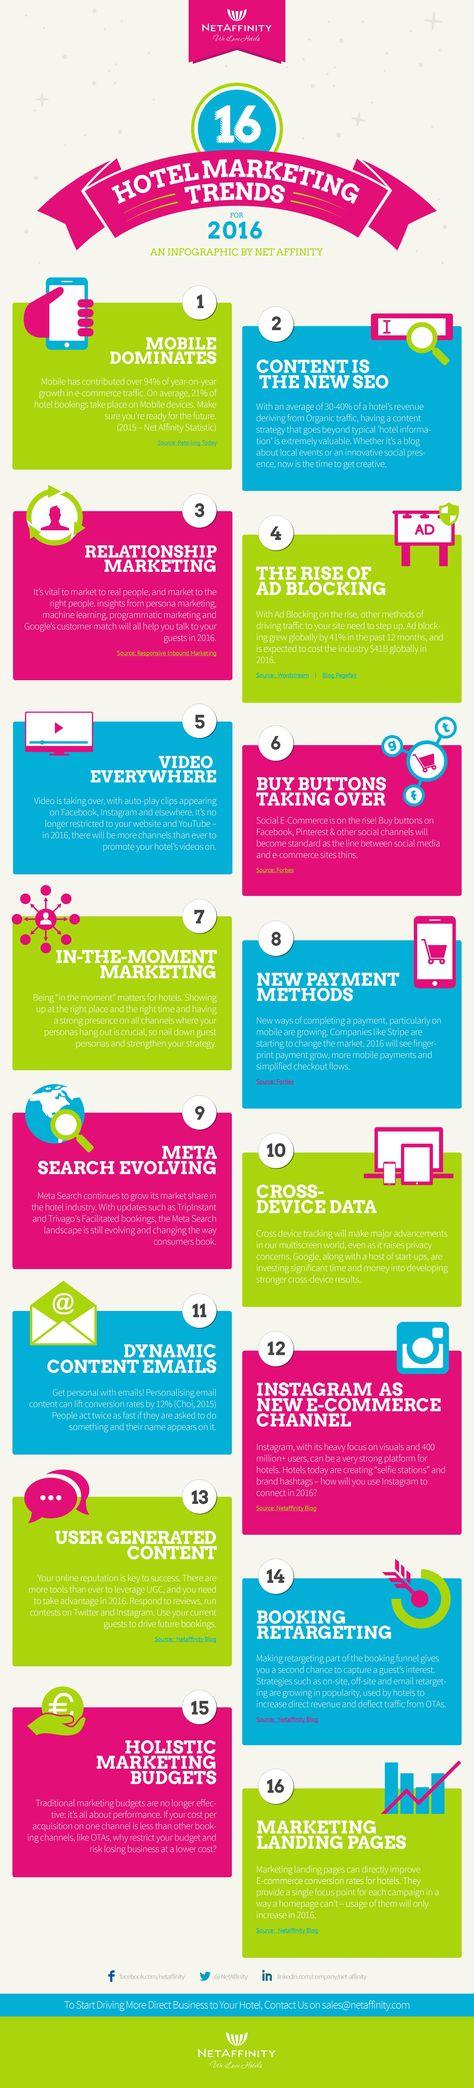 Are Morch - Digital Marketing Coach